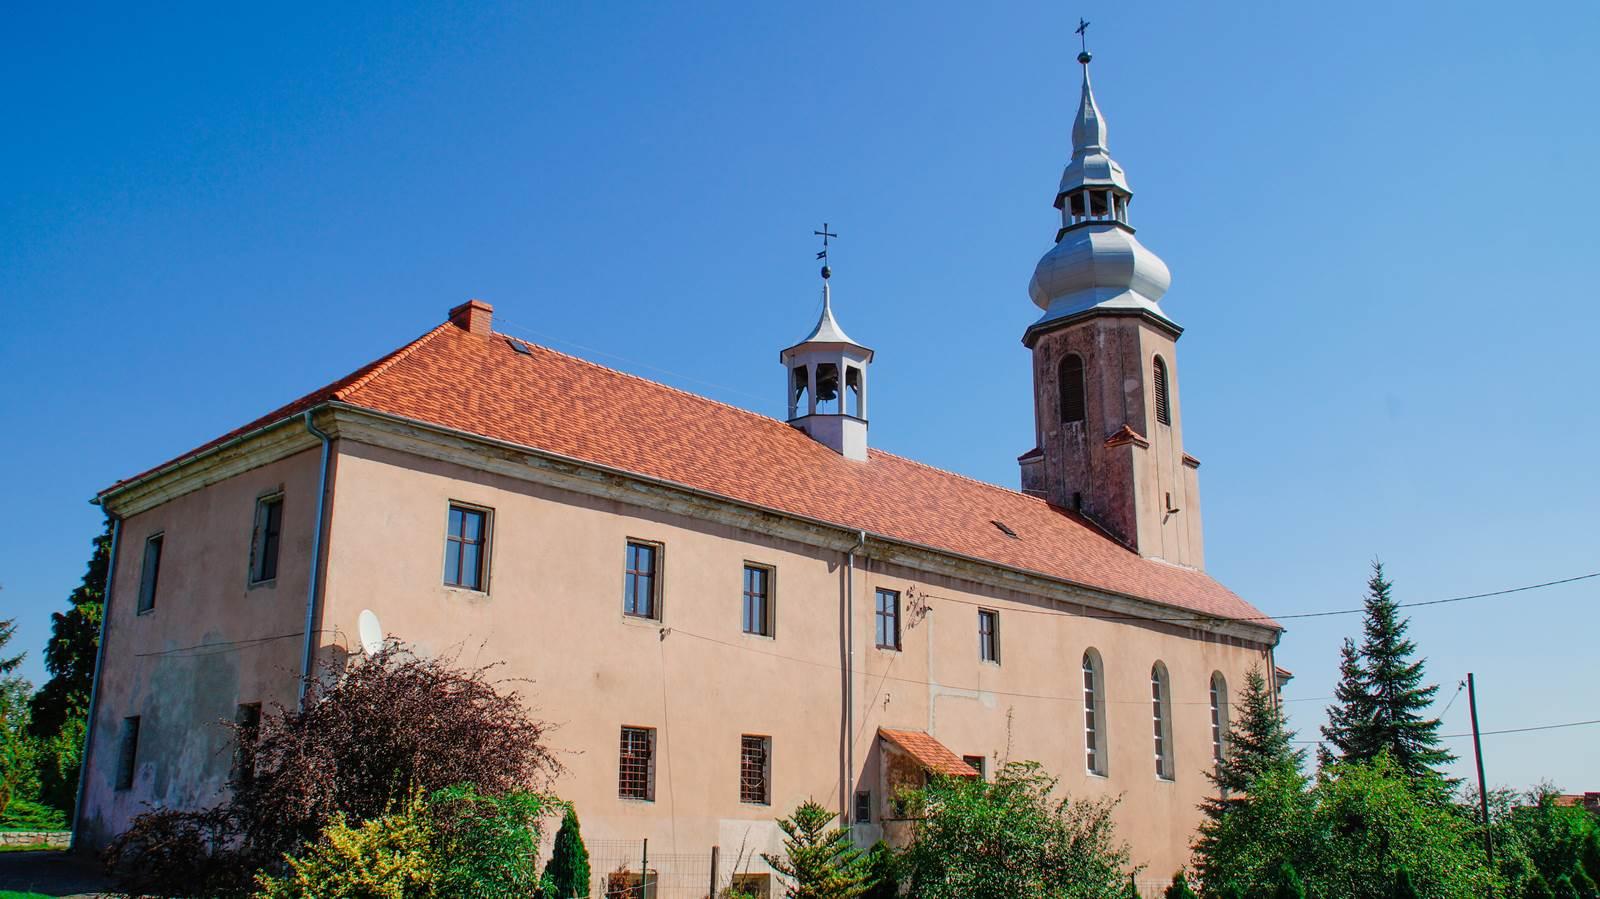 Michałów Kościół pw. św. Jadwigi